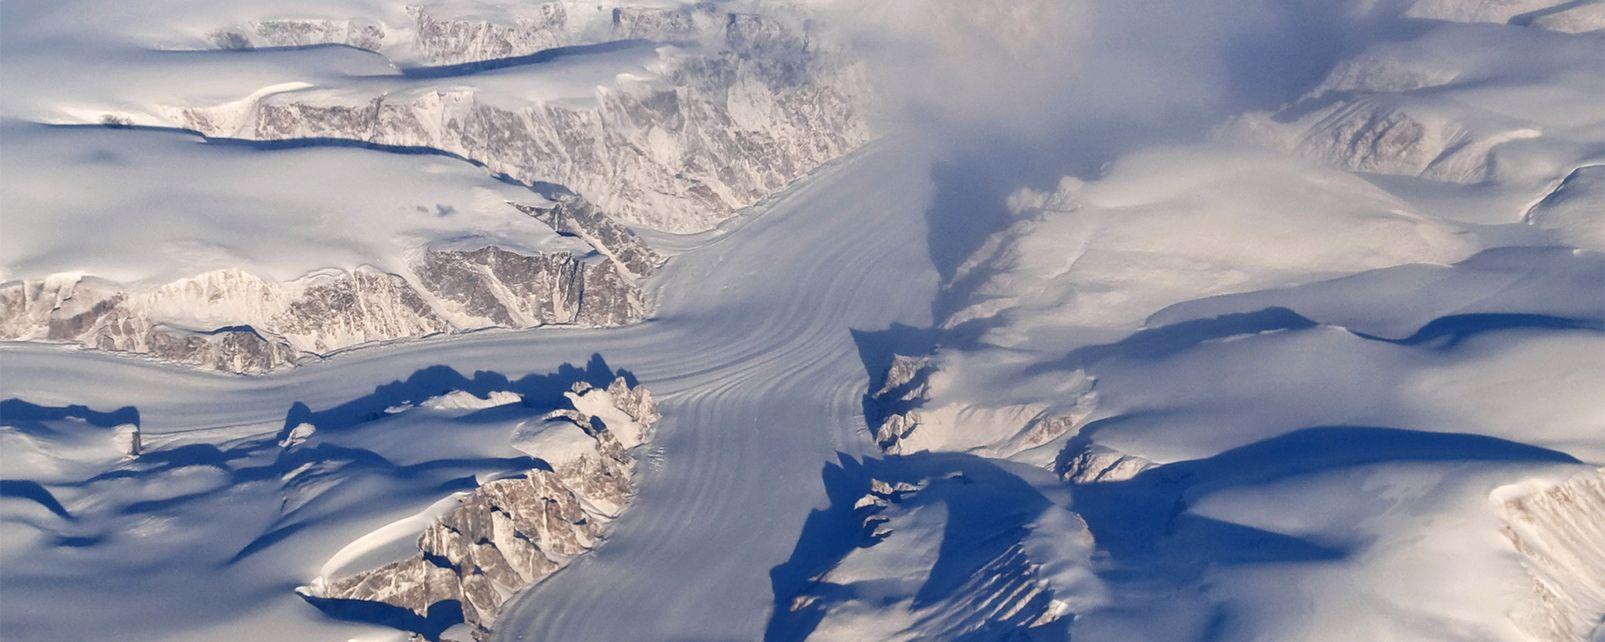 Aerial View of Auyuittuq National Park, Baffin Island, Canada, Le parc national Auyuittuq, Les activités et les loisirs, Le Nunavut